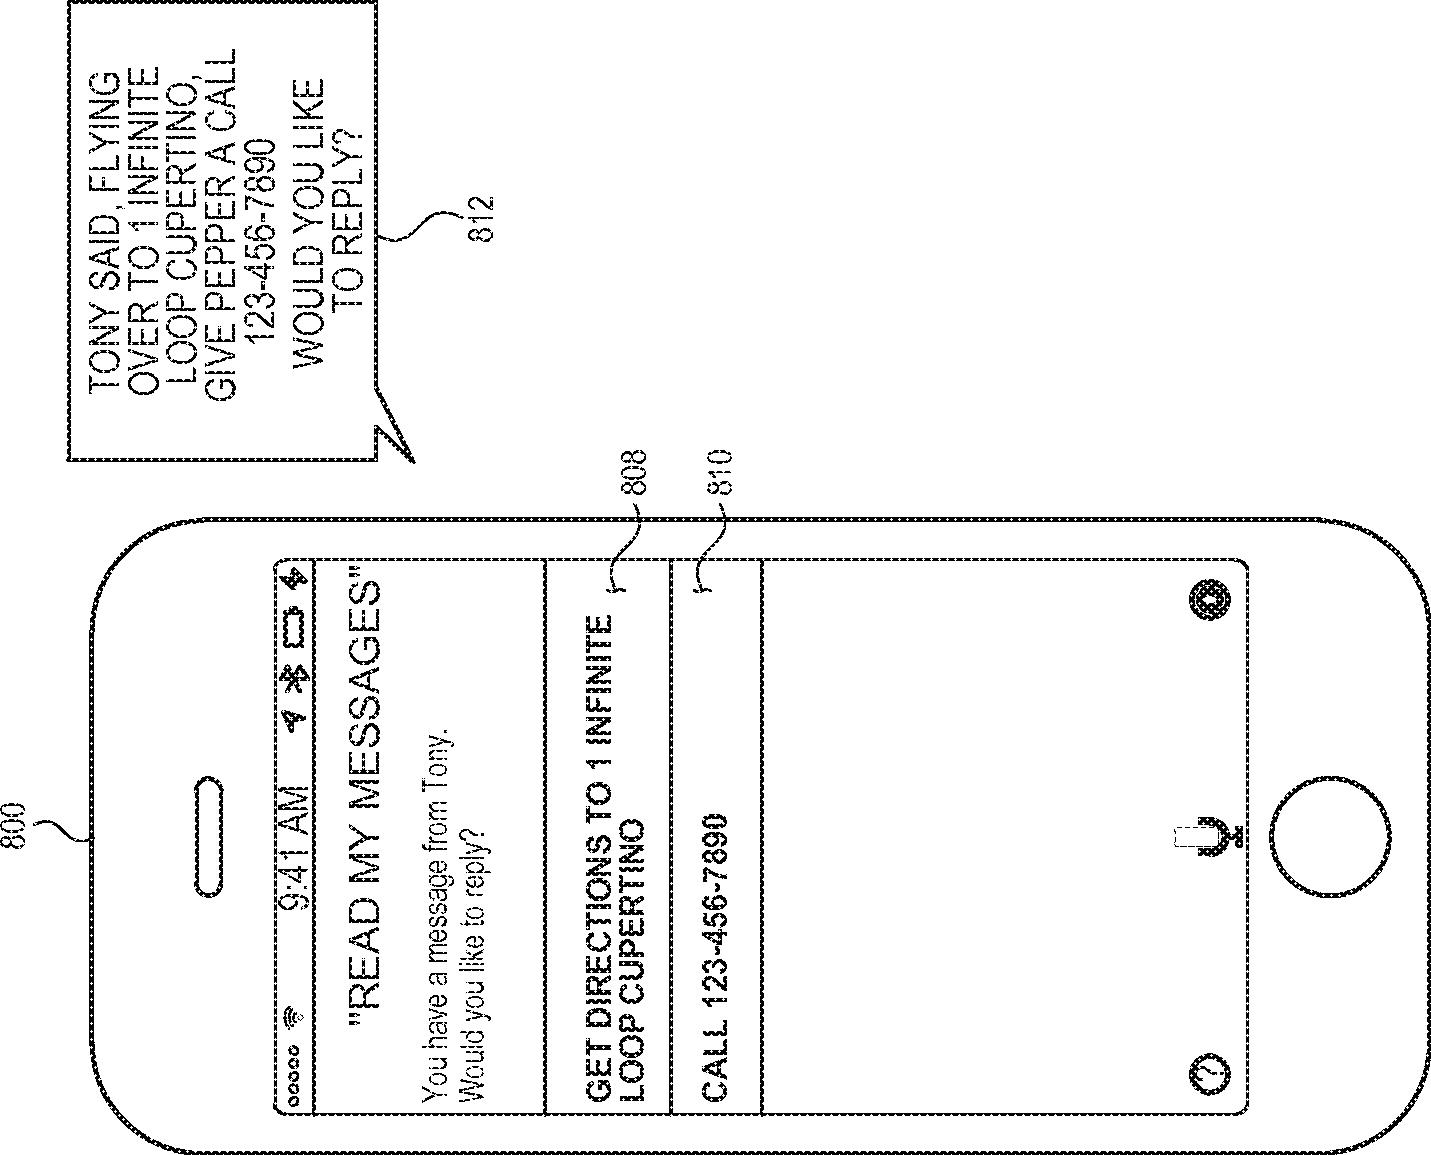 Figure DK179343B1_D0002